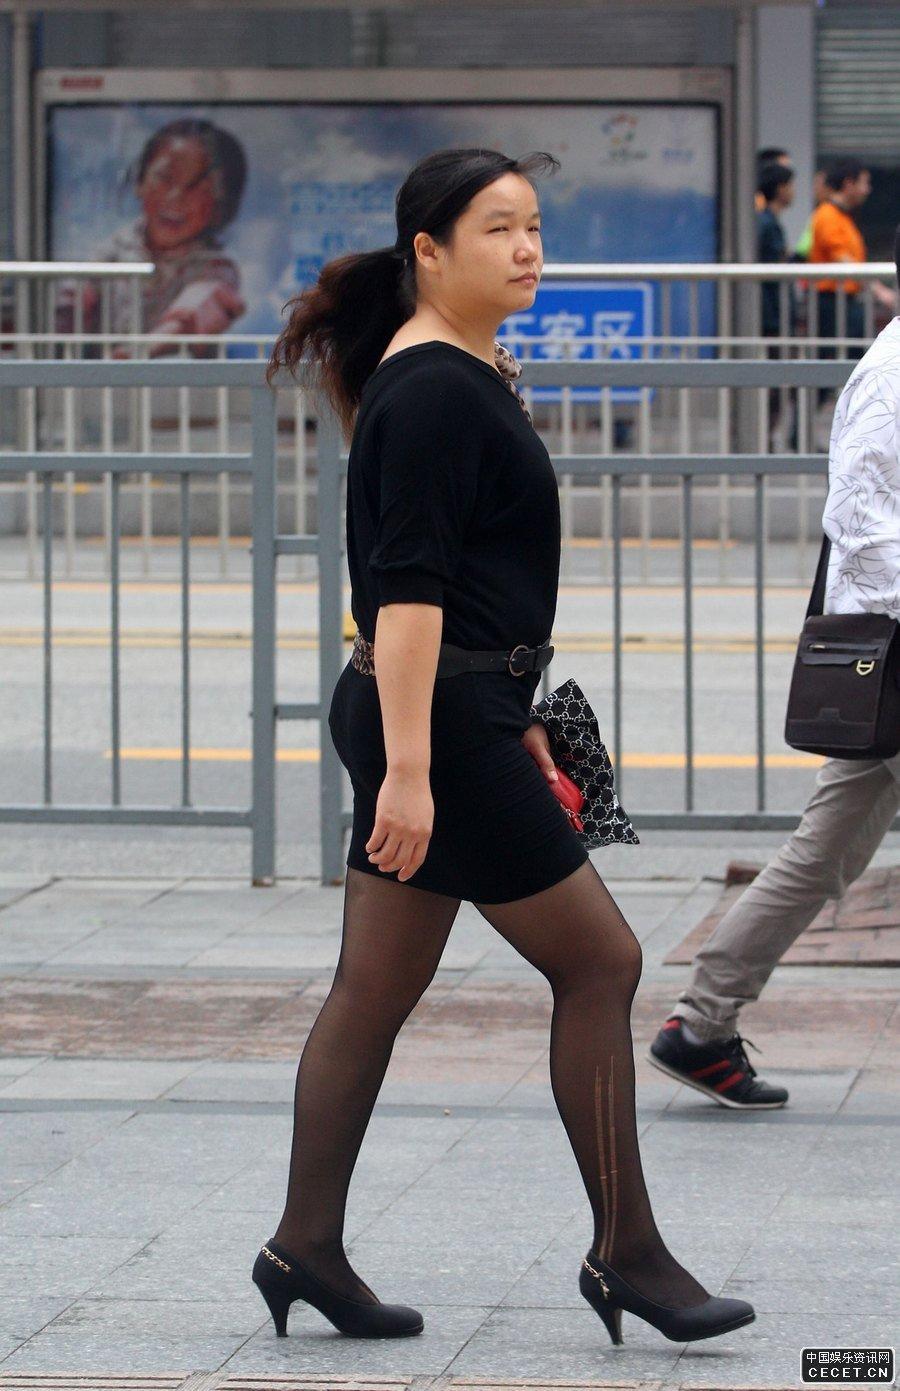 天津街拍的一组黑丝袜妹子们图片